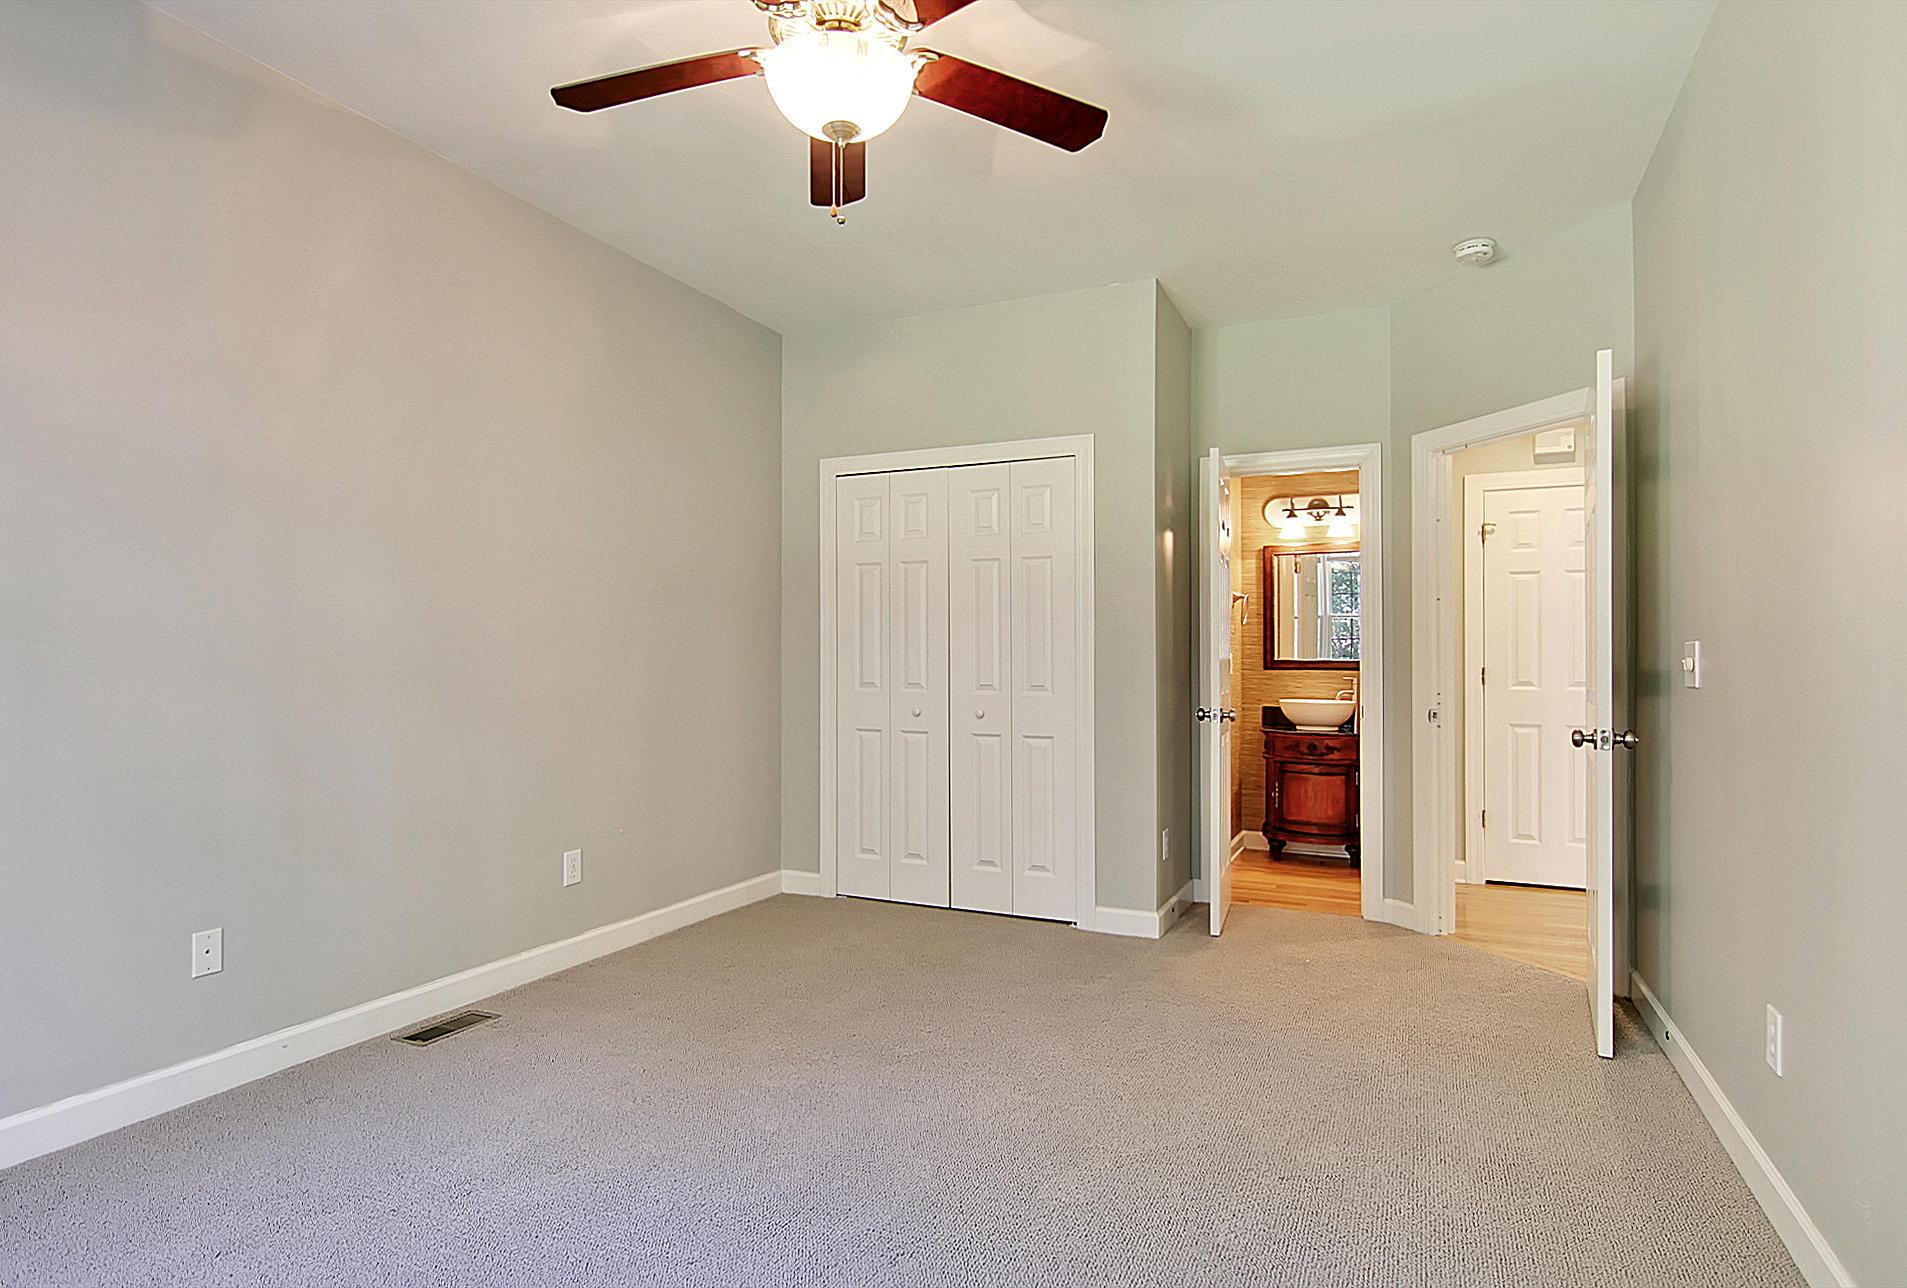 Dunes West Homes For Sale - 2236 Black Oak, Mount Pleasant, SC - 44